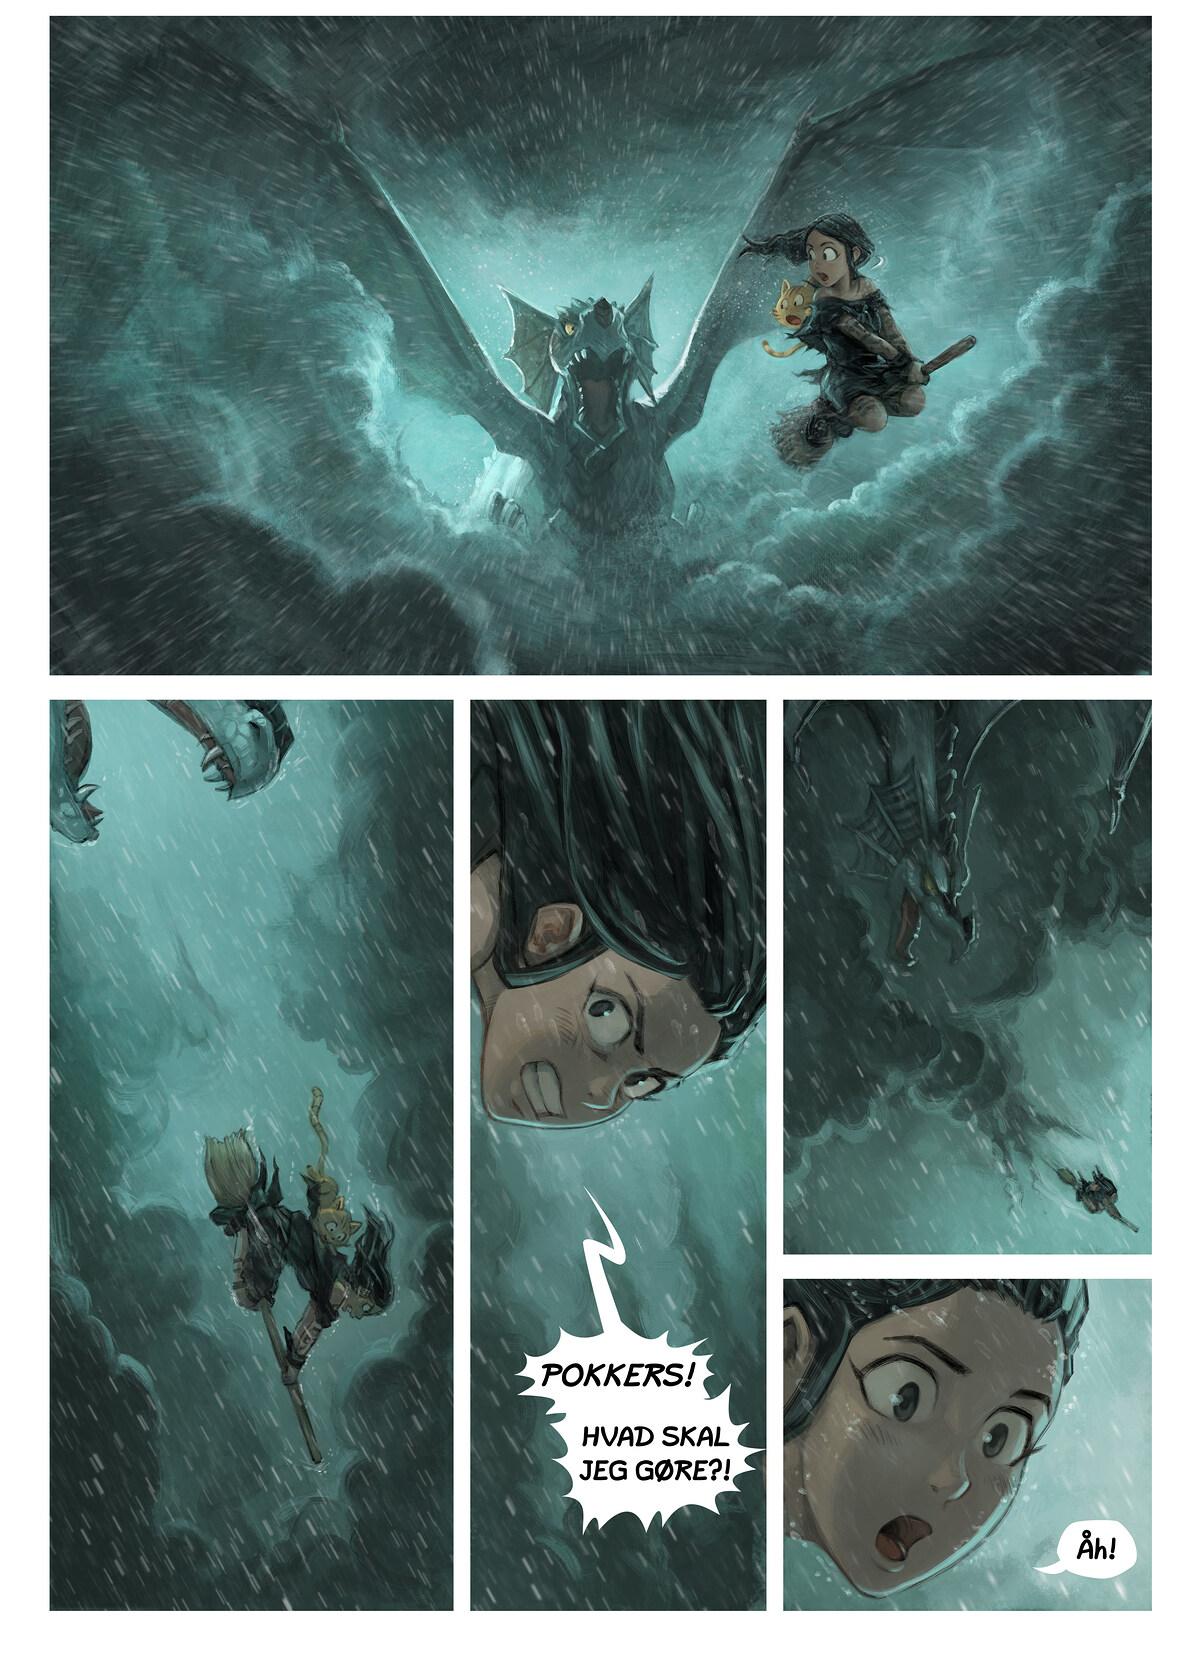 Episode 35: Spejlbilledet, Page 5